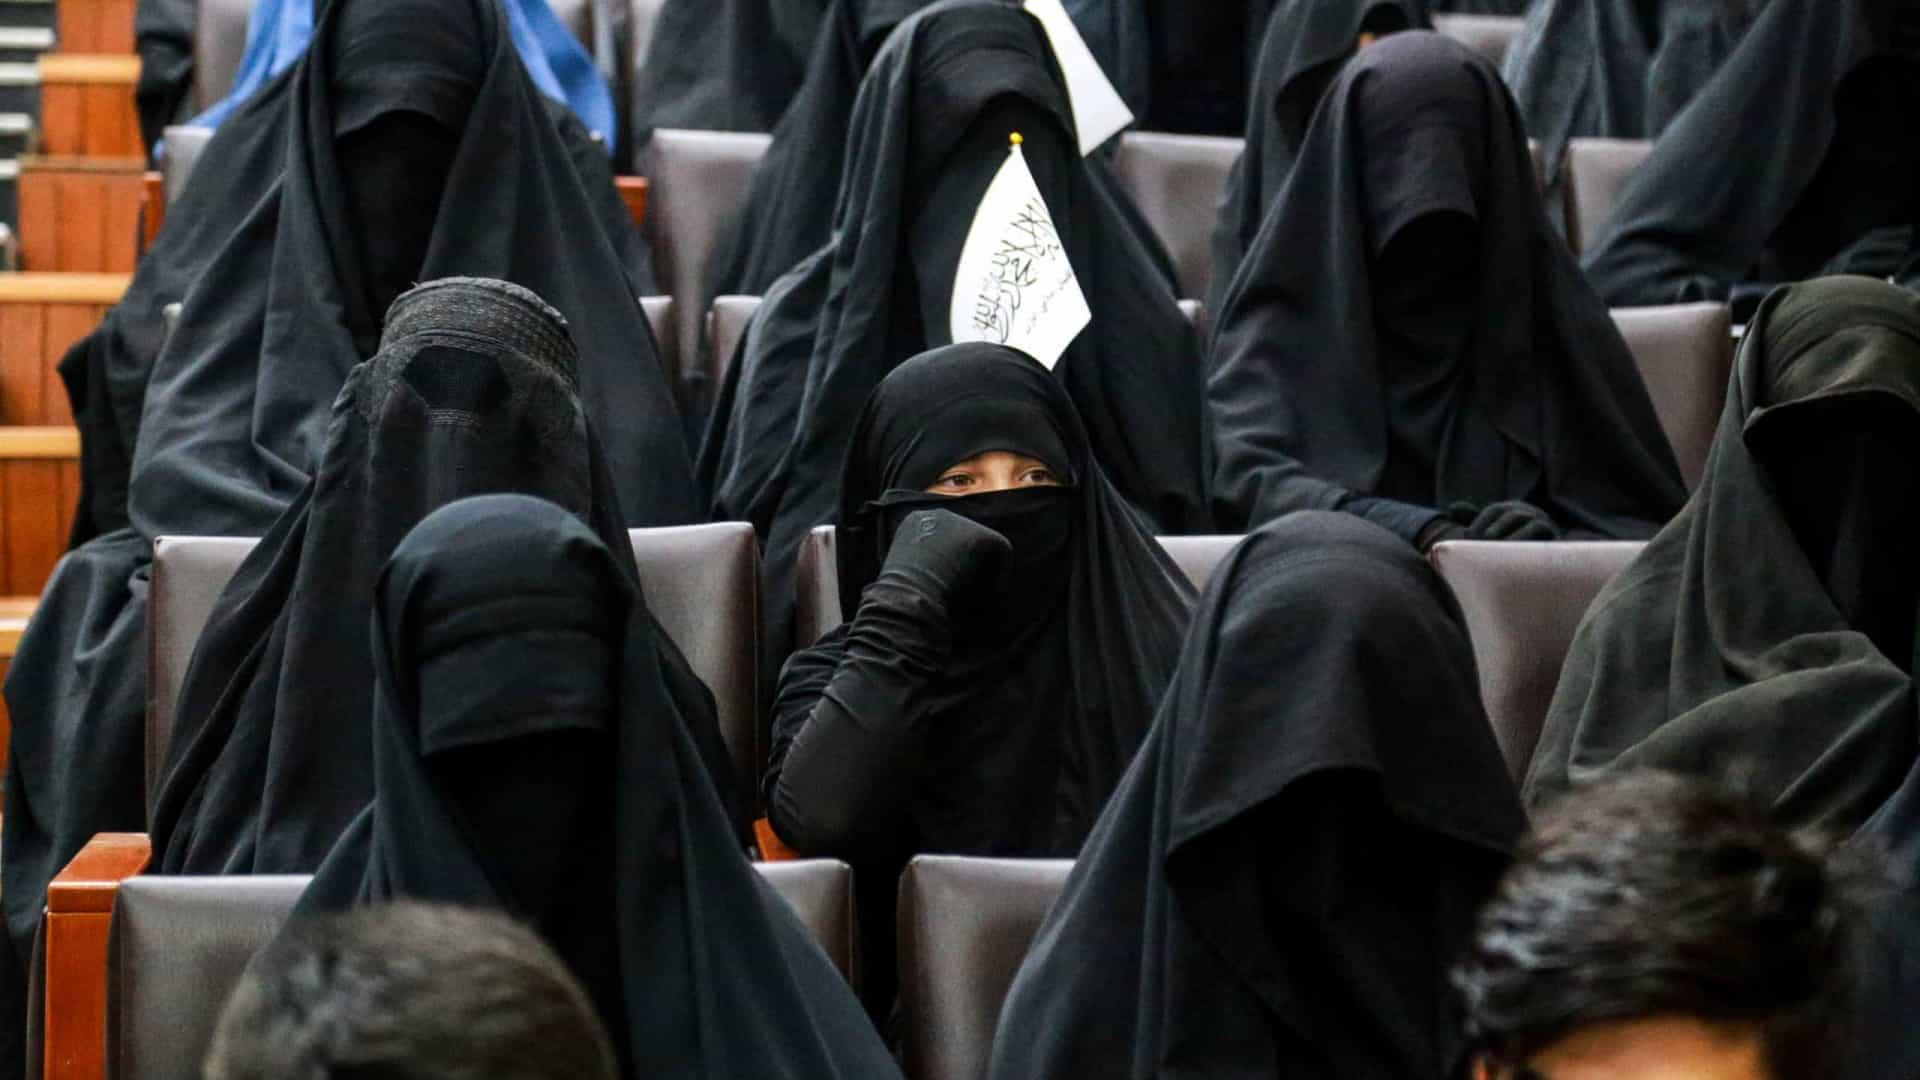 Talibãs permitem mulheres a estudar  mas em universidades segregadas